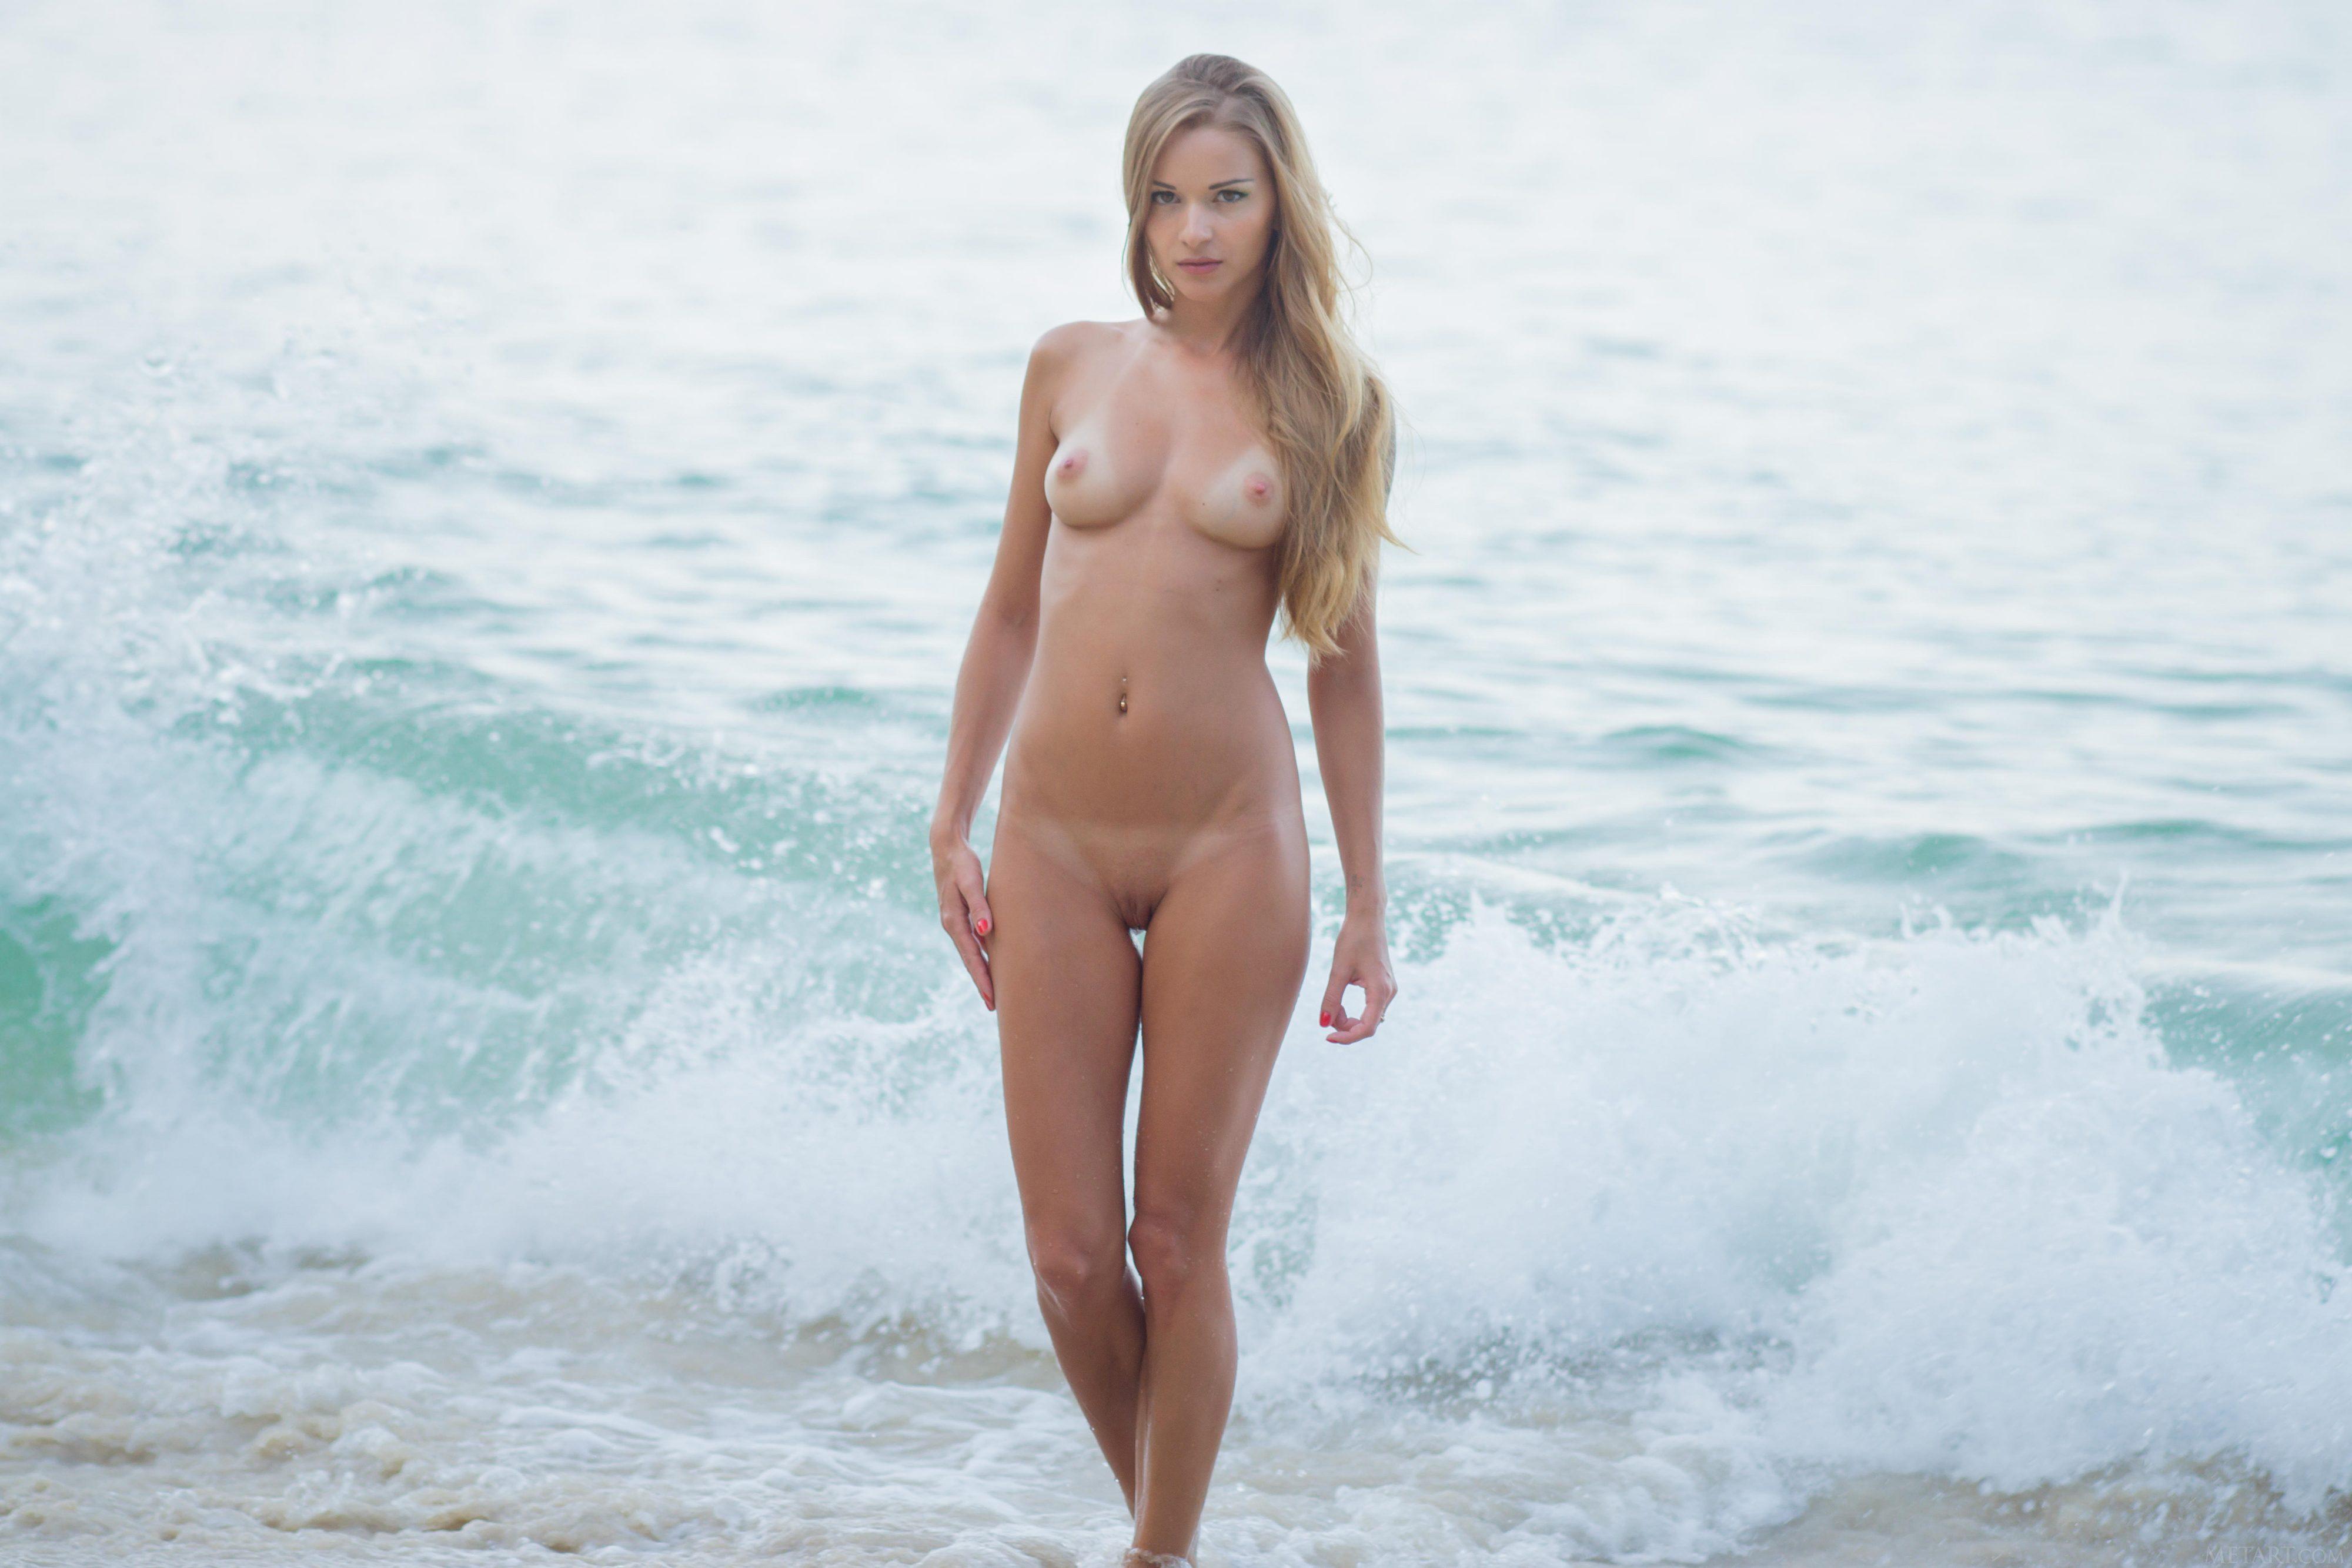 gils on beach